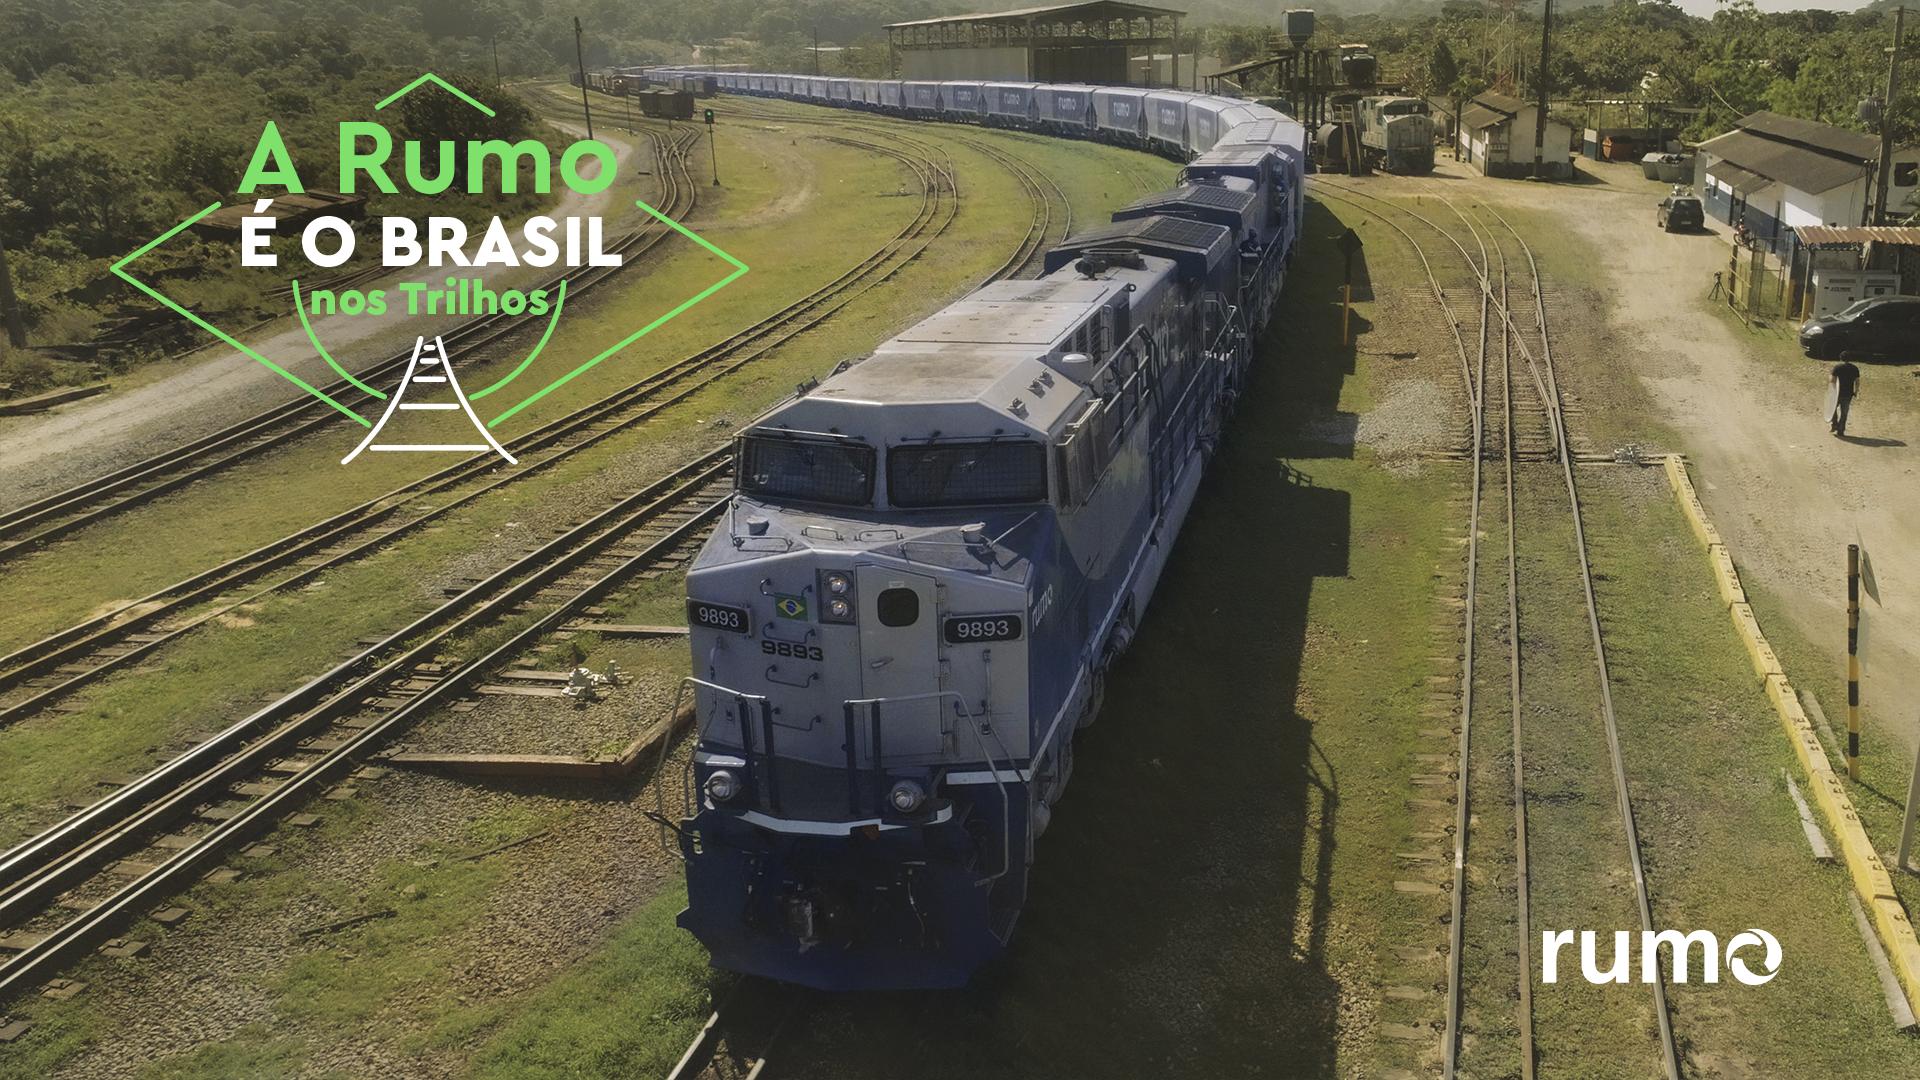 Imagem: rumo rp 06 jun brasil nos trilhos selo design v2 04 Transporte ferroviário: preço mais baixo no frete de milho e da soja